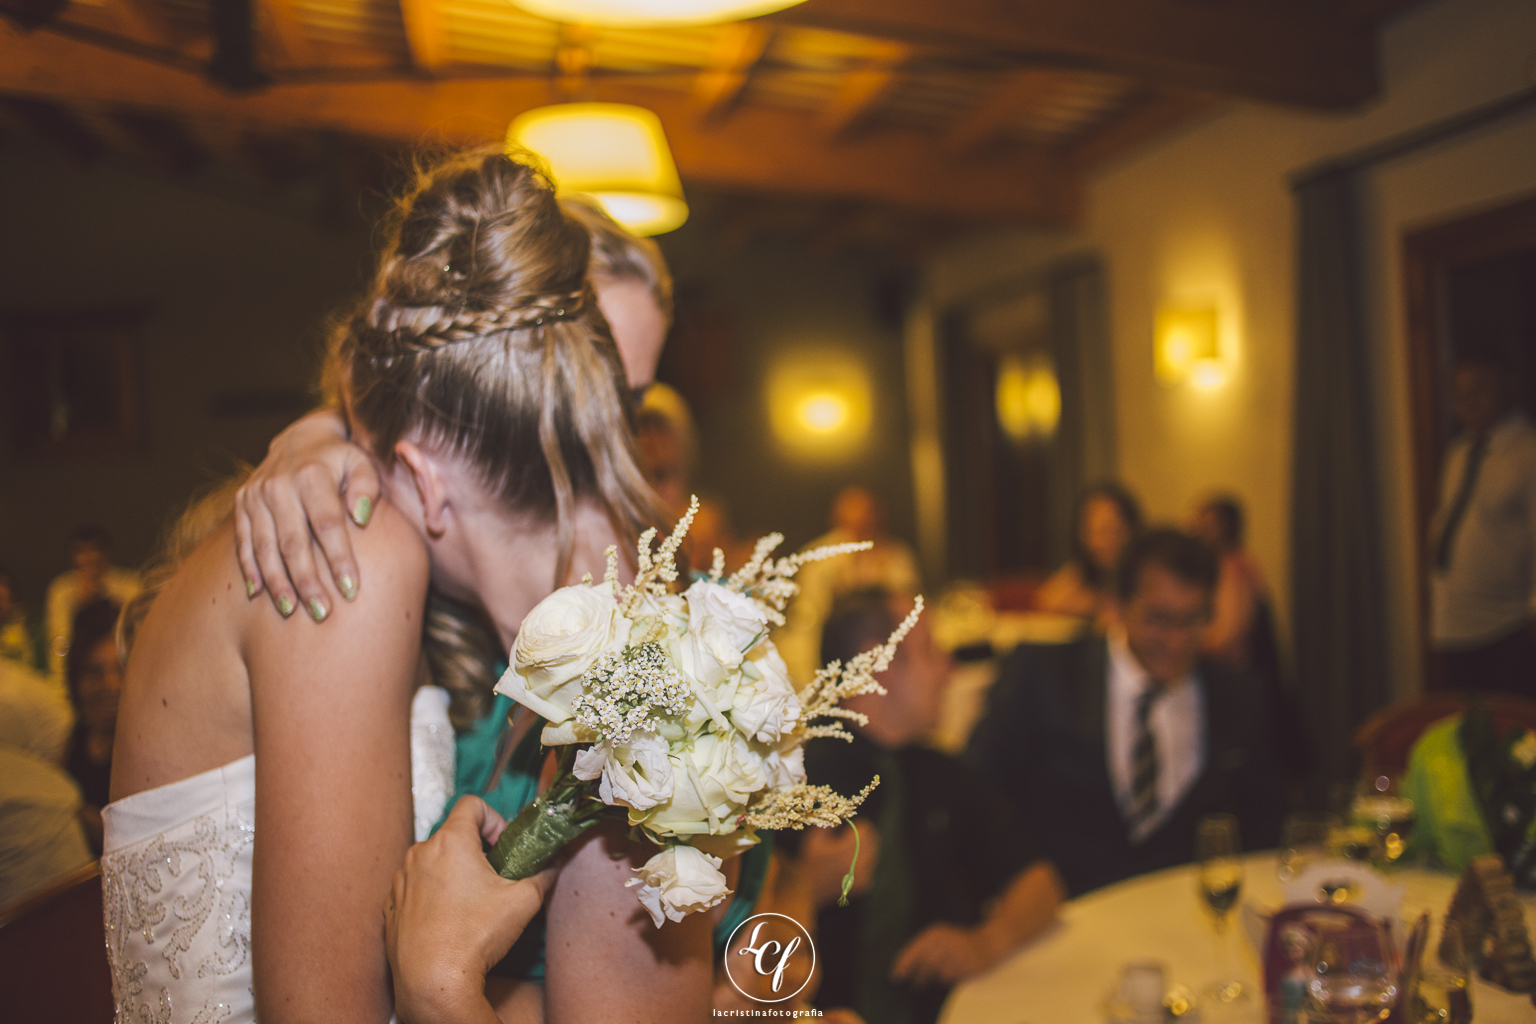 fotógrafo de bodas :: fotografía de boda barcelona :: más el martí viladrau :: boda en la montaña :: boda al atardecer:: boda romántica :: country wedding :: boda al atardecer